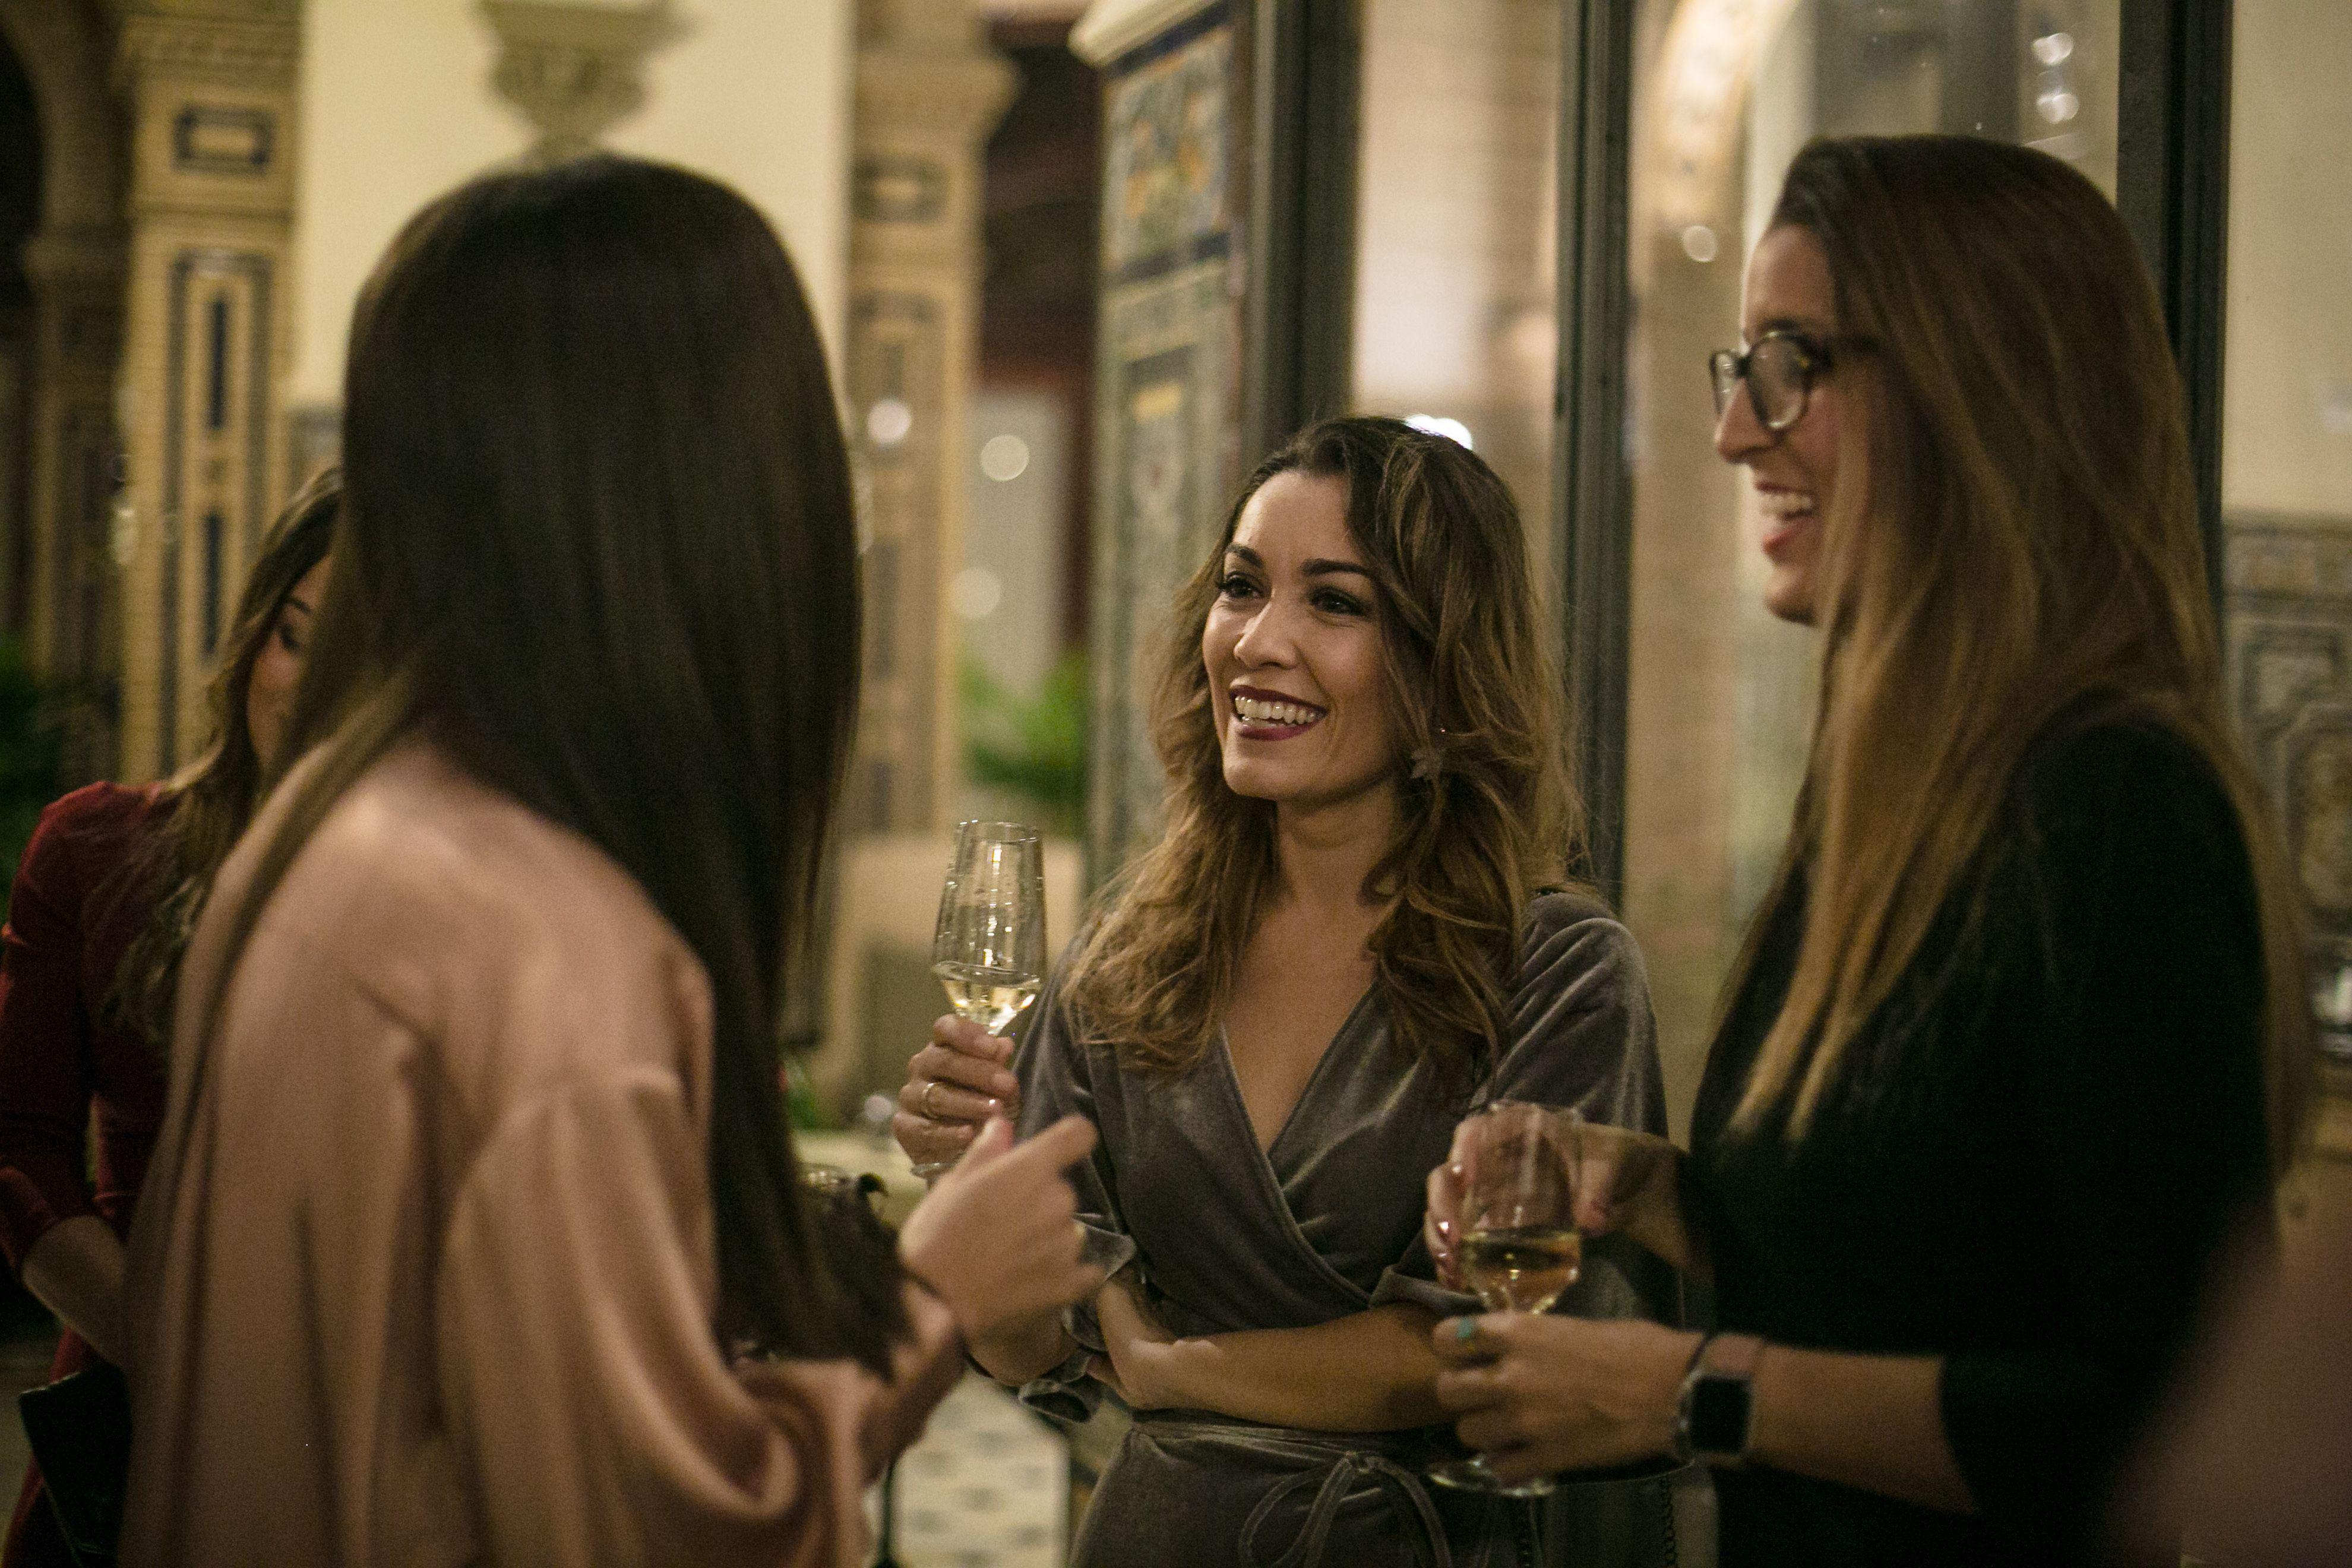 El evento Wedding Club Aires de Sevilla en el Hotel Alfonso XIII-2